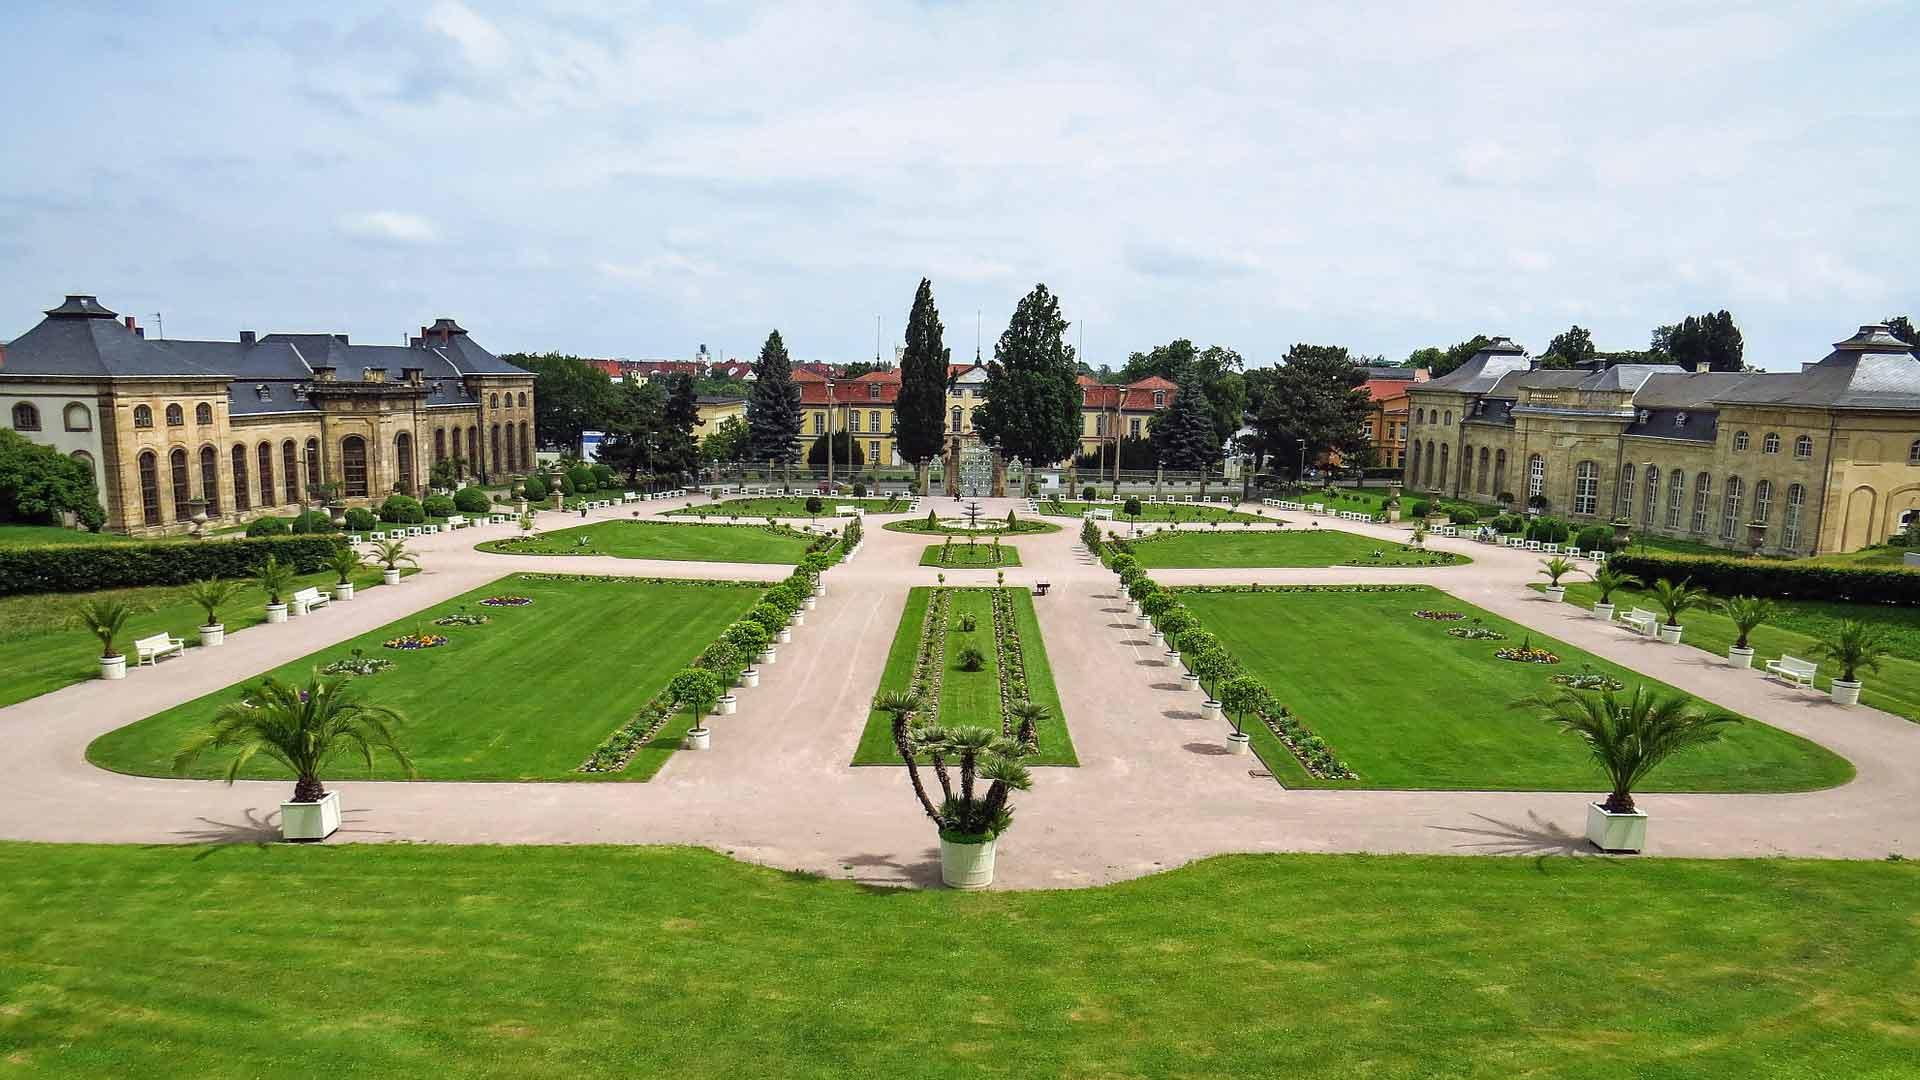 Schloss Friedenstein in Gotha ligt in een prachtig park.